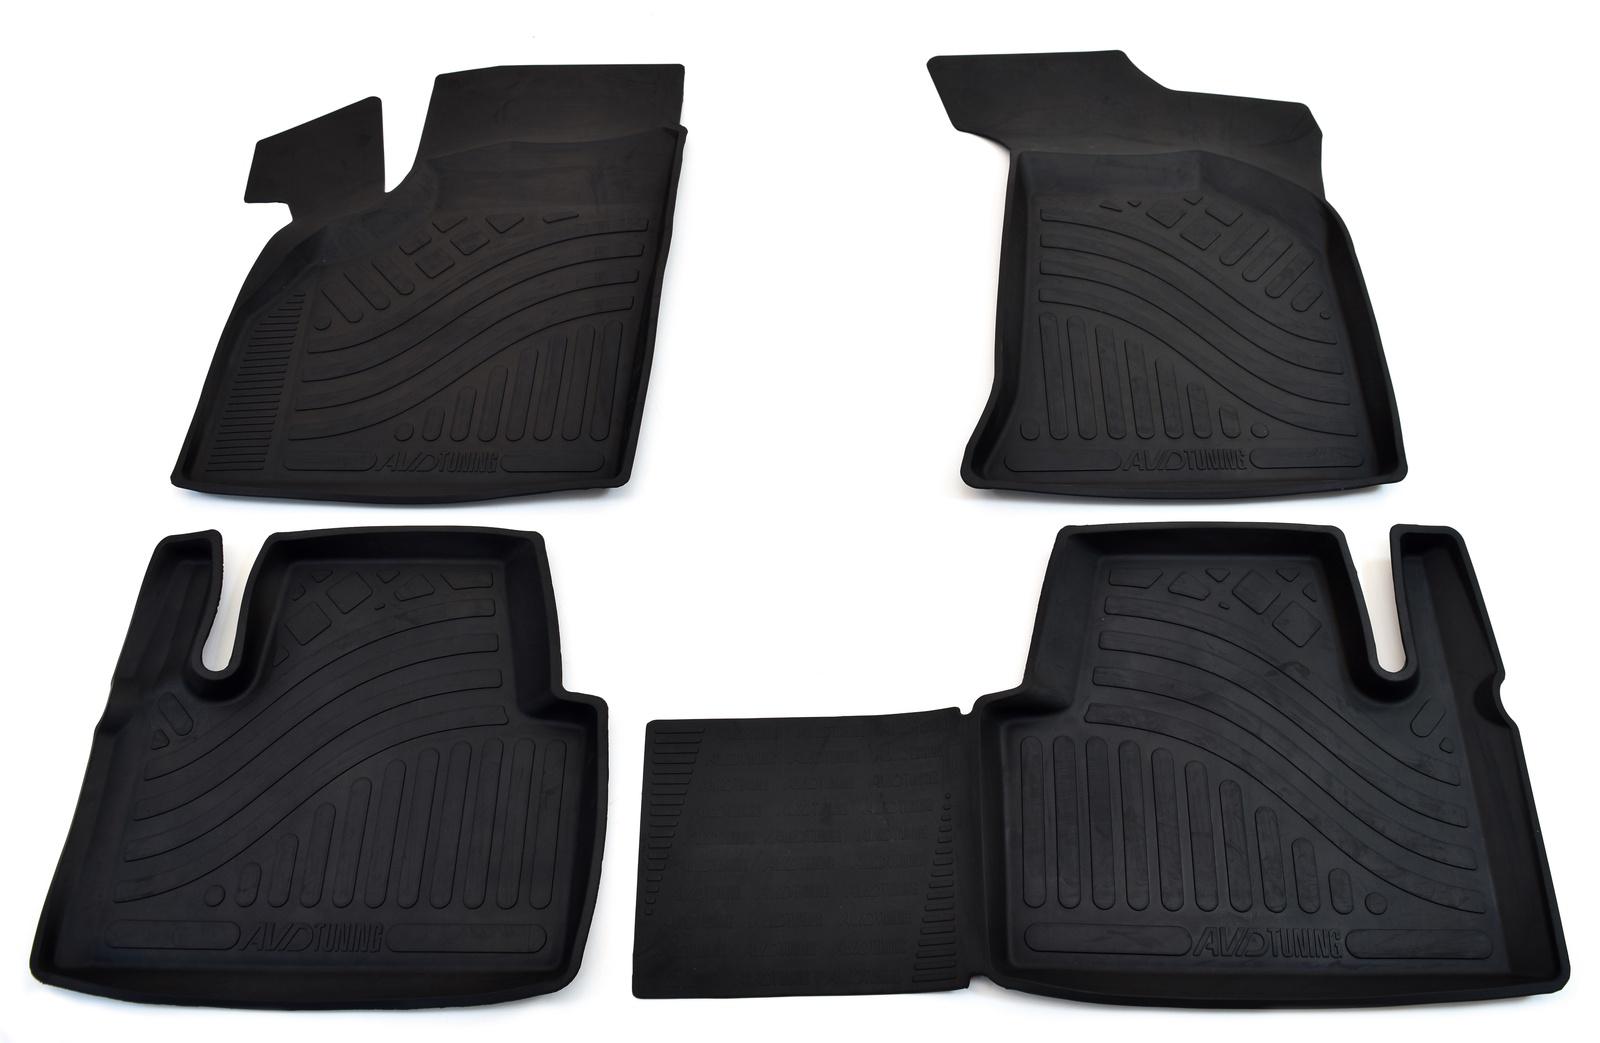 Коврик багажника для renault logan (l52) (2014-) (полимер) npa00-e69-350 коврик багажника norplast для jeep grand cherokee wk 2010 npa00 t40 100 b бежевый